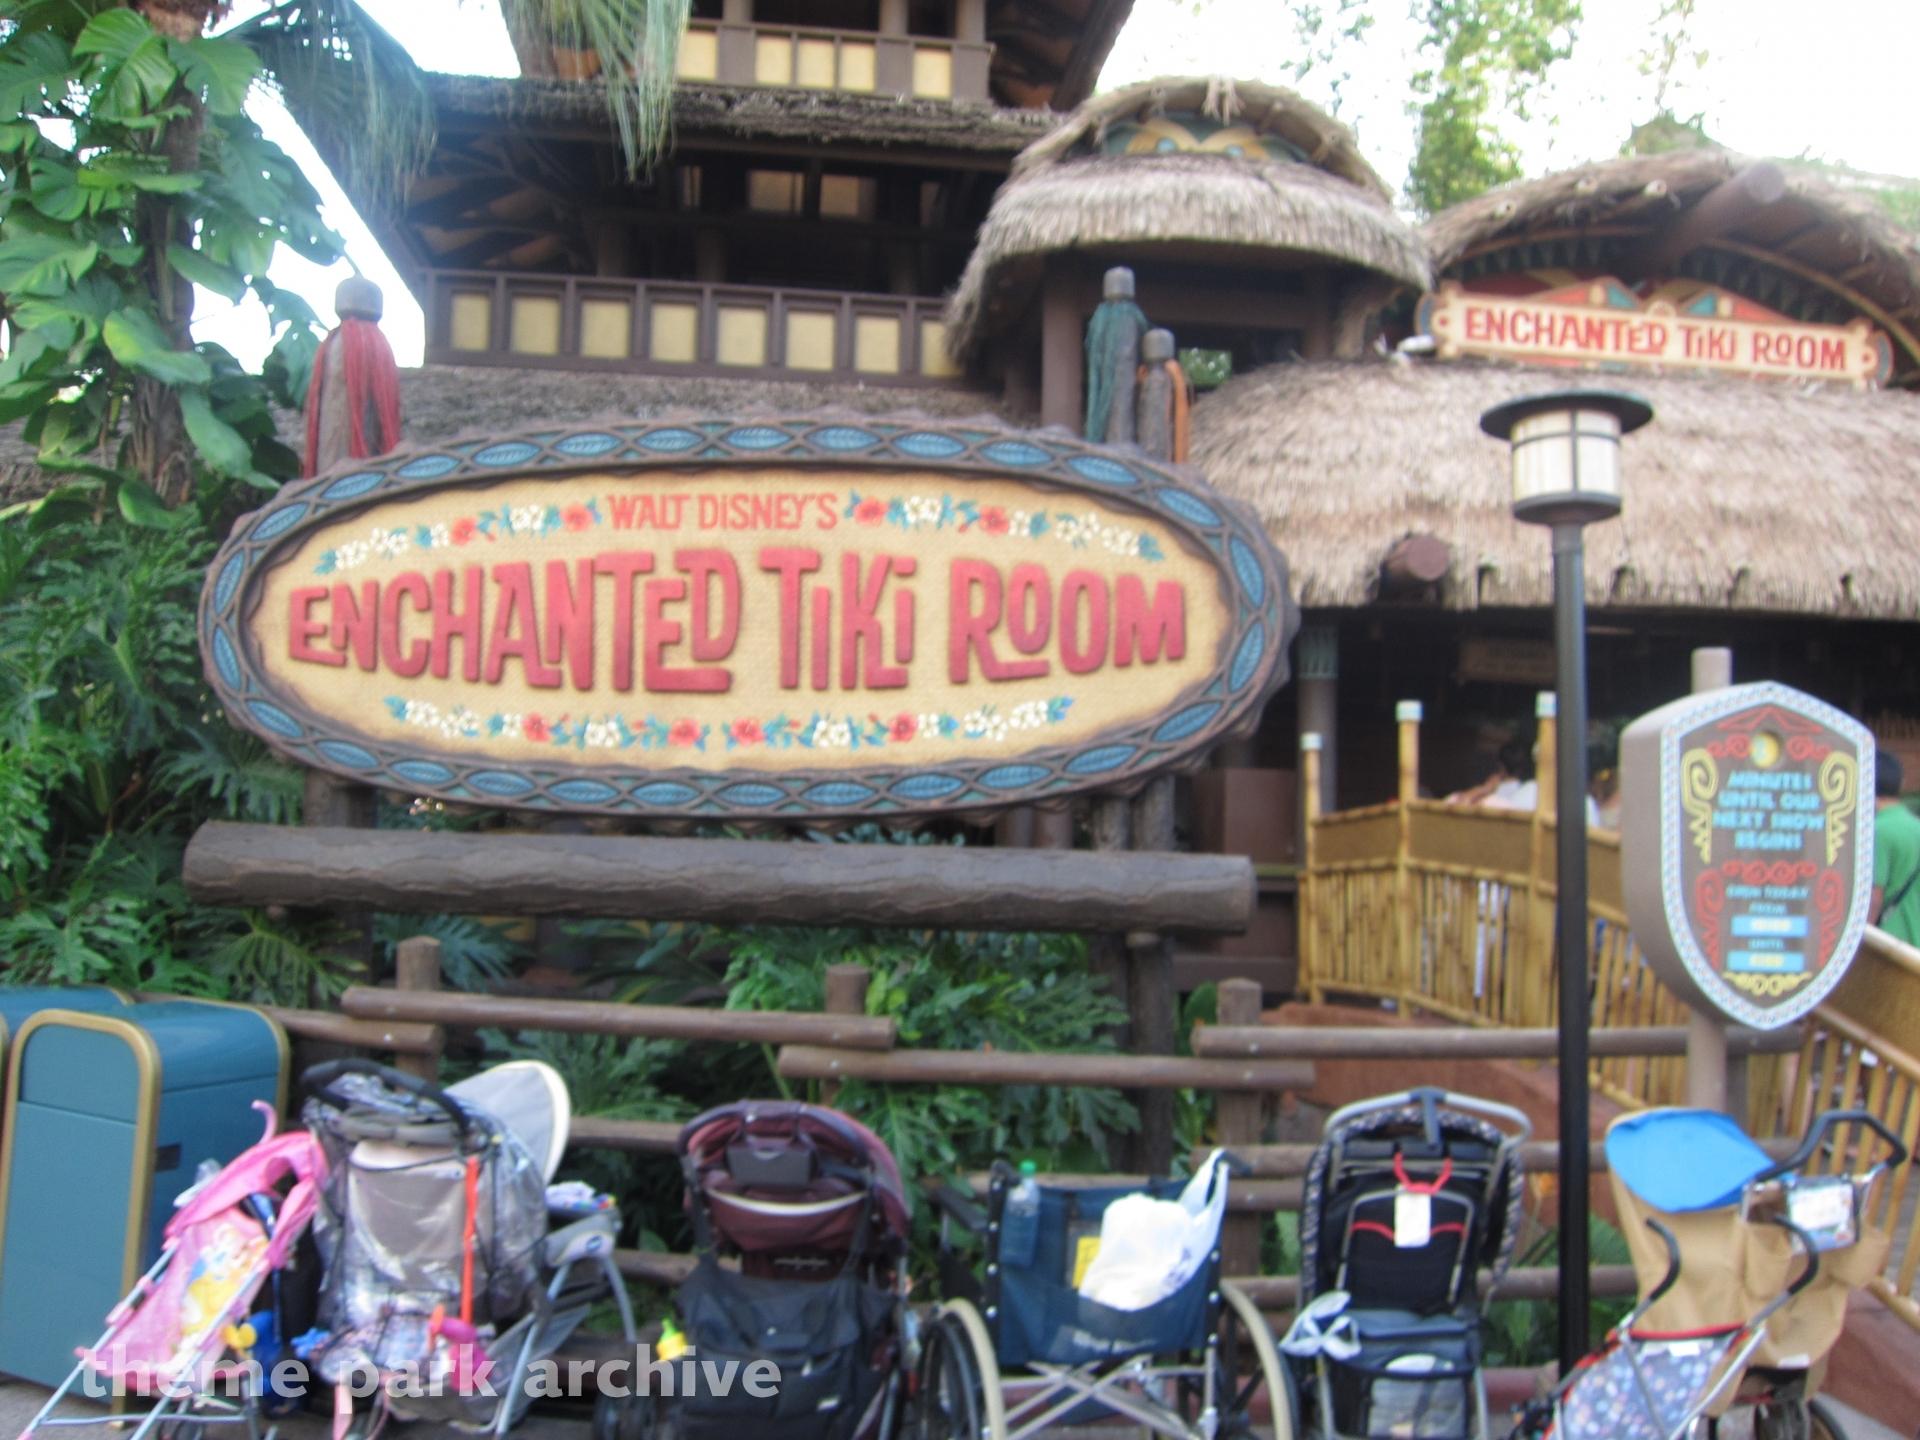 Enchanted Tiki Room at Magic Kingdom